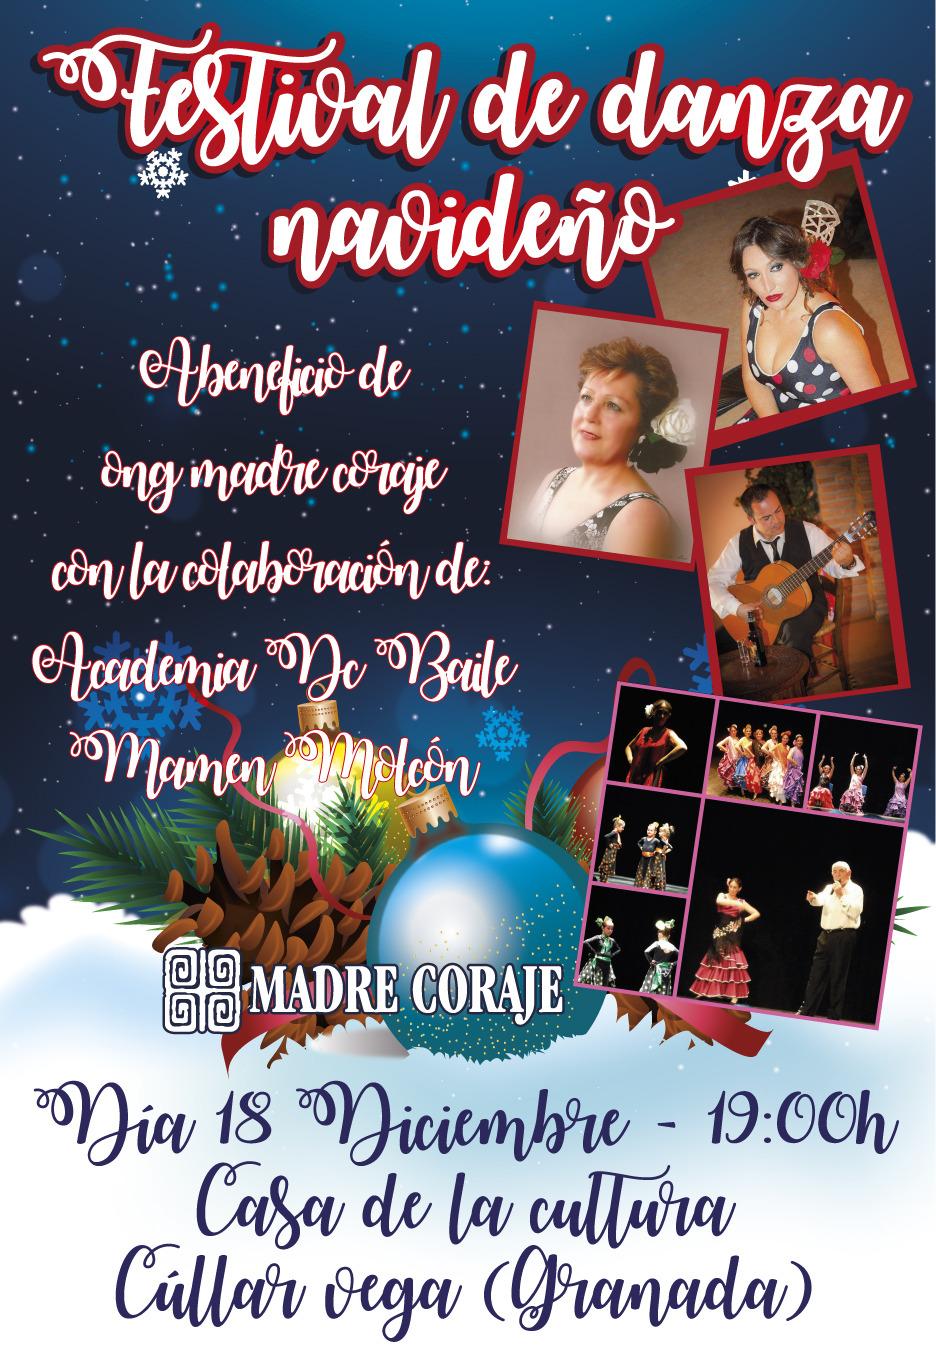 Festival de Danza Navideño a beneficio de la ONG Madre Coraje